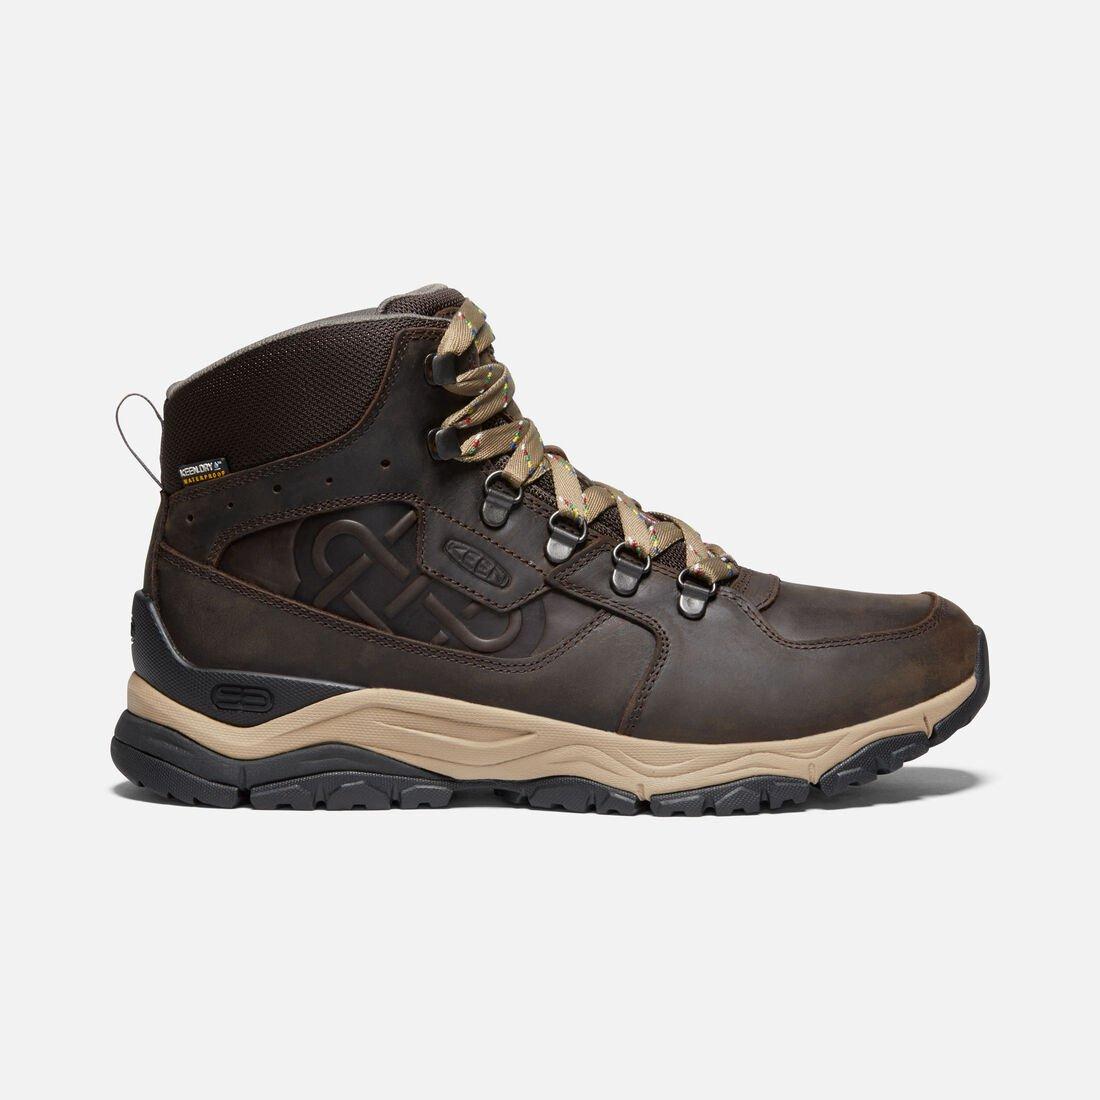 Für jeden gekauften Innate LTD Schuh